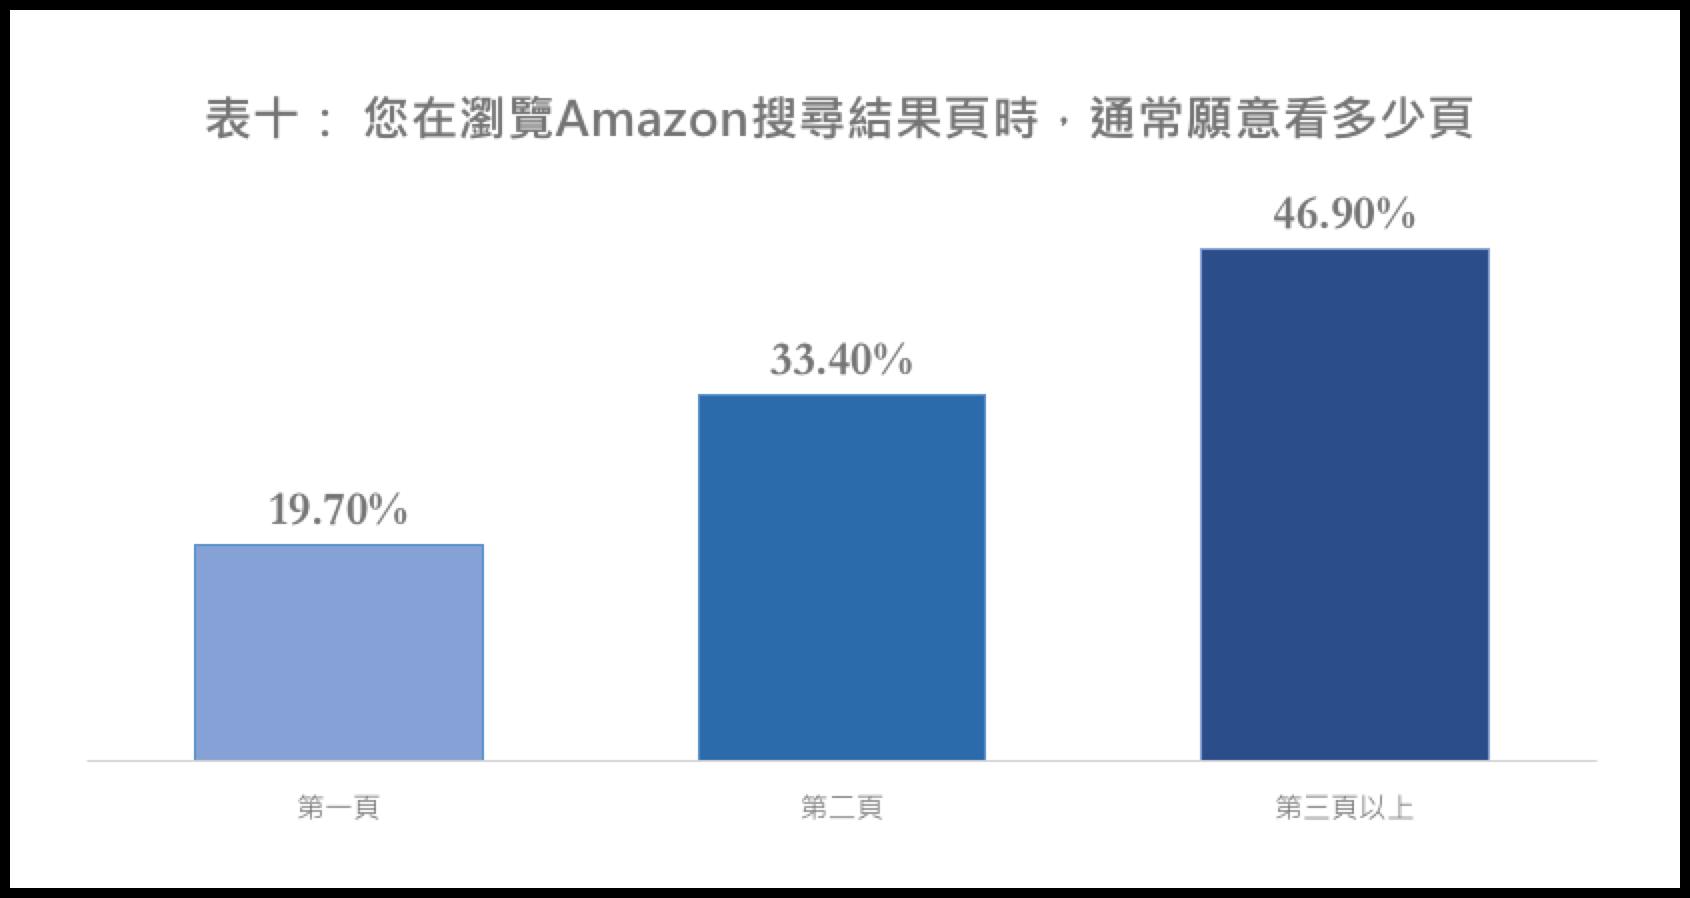 瀏覽Amazon搜索結果,最多的頁數上限